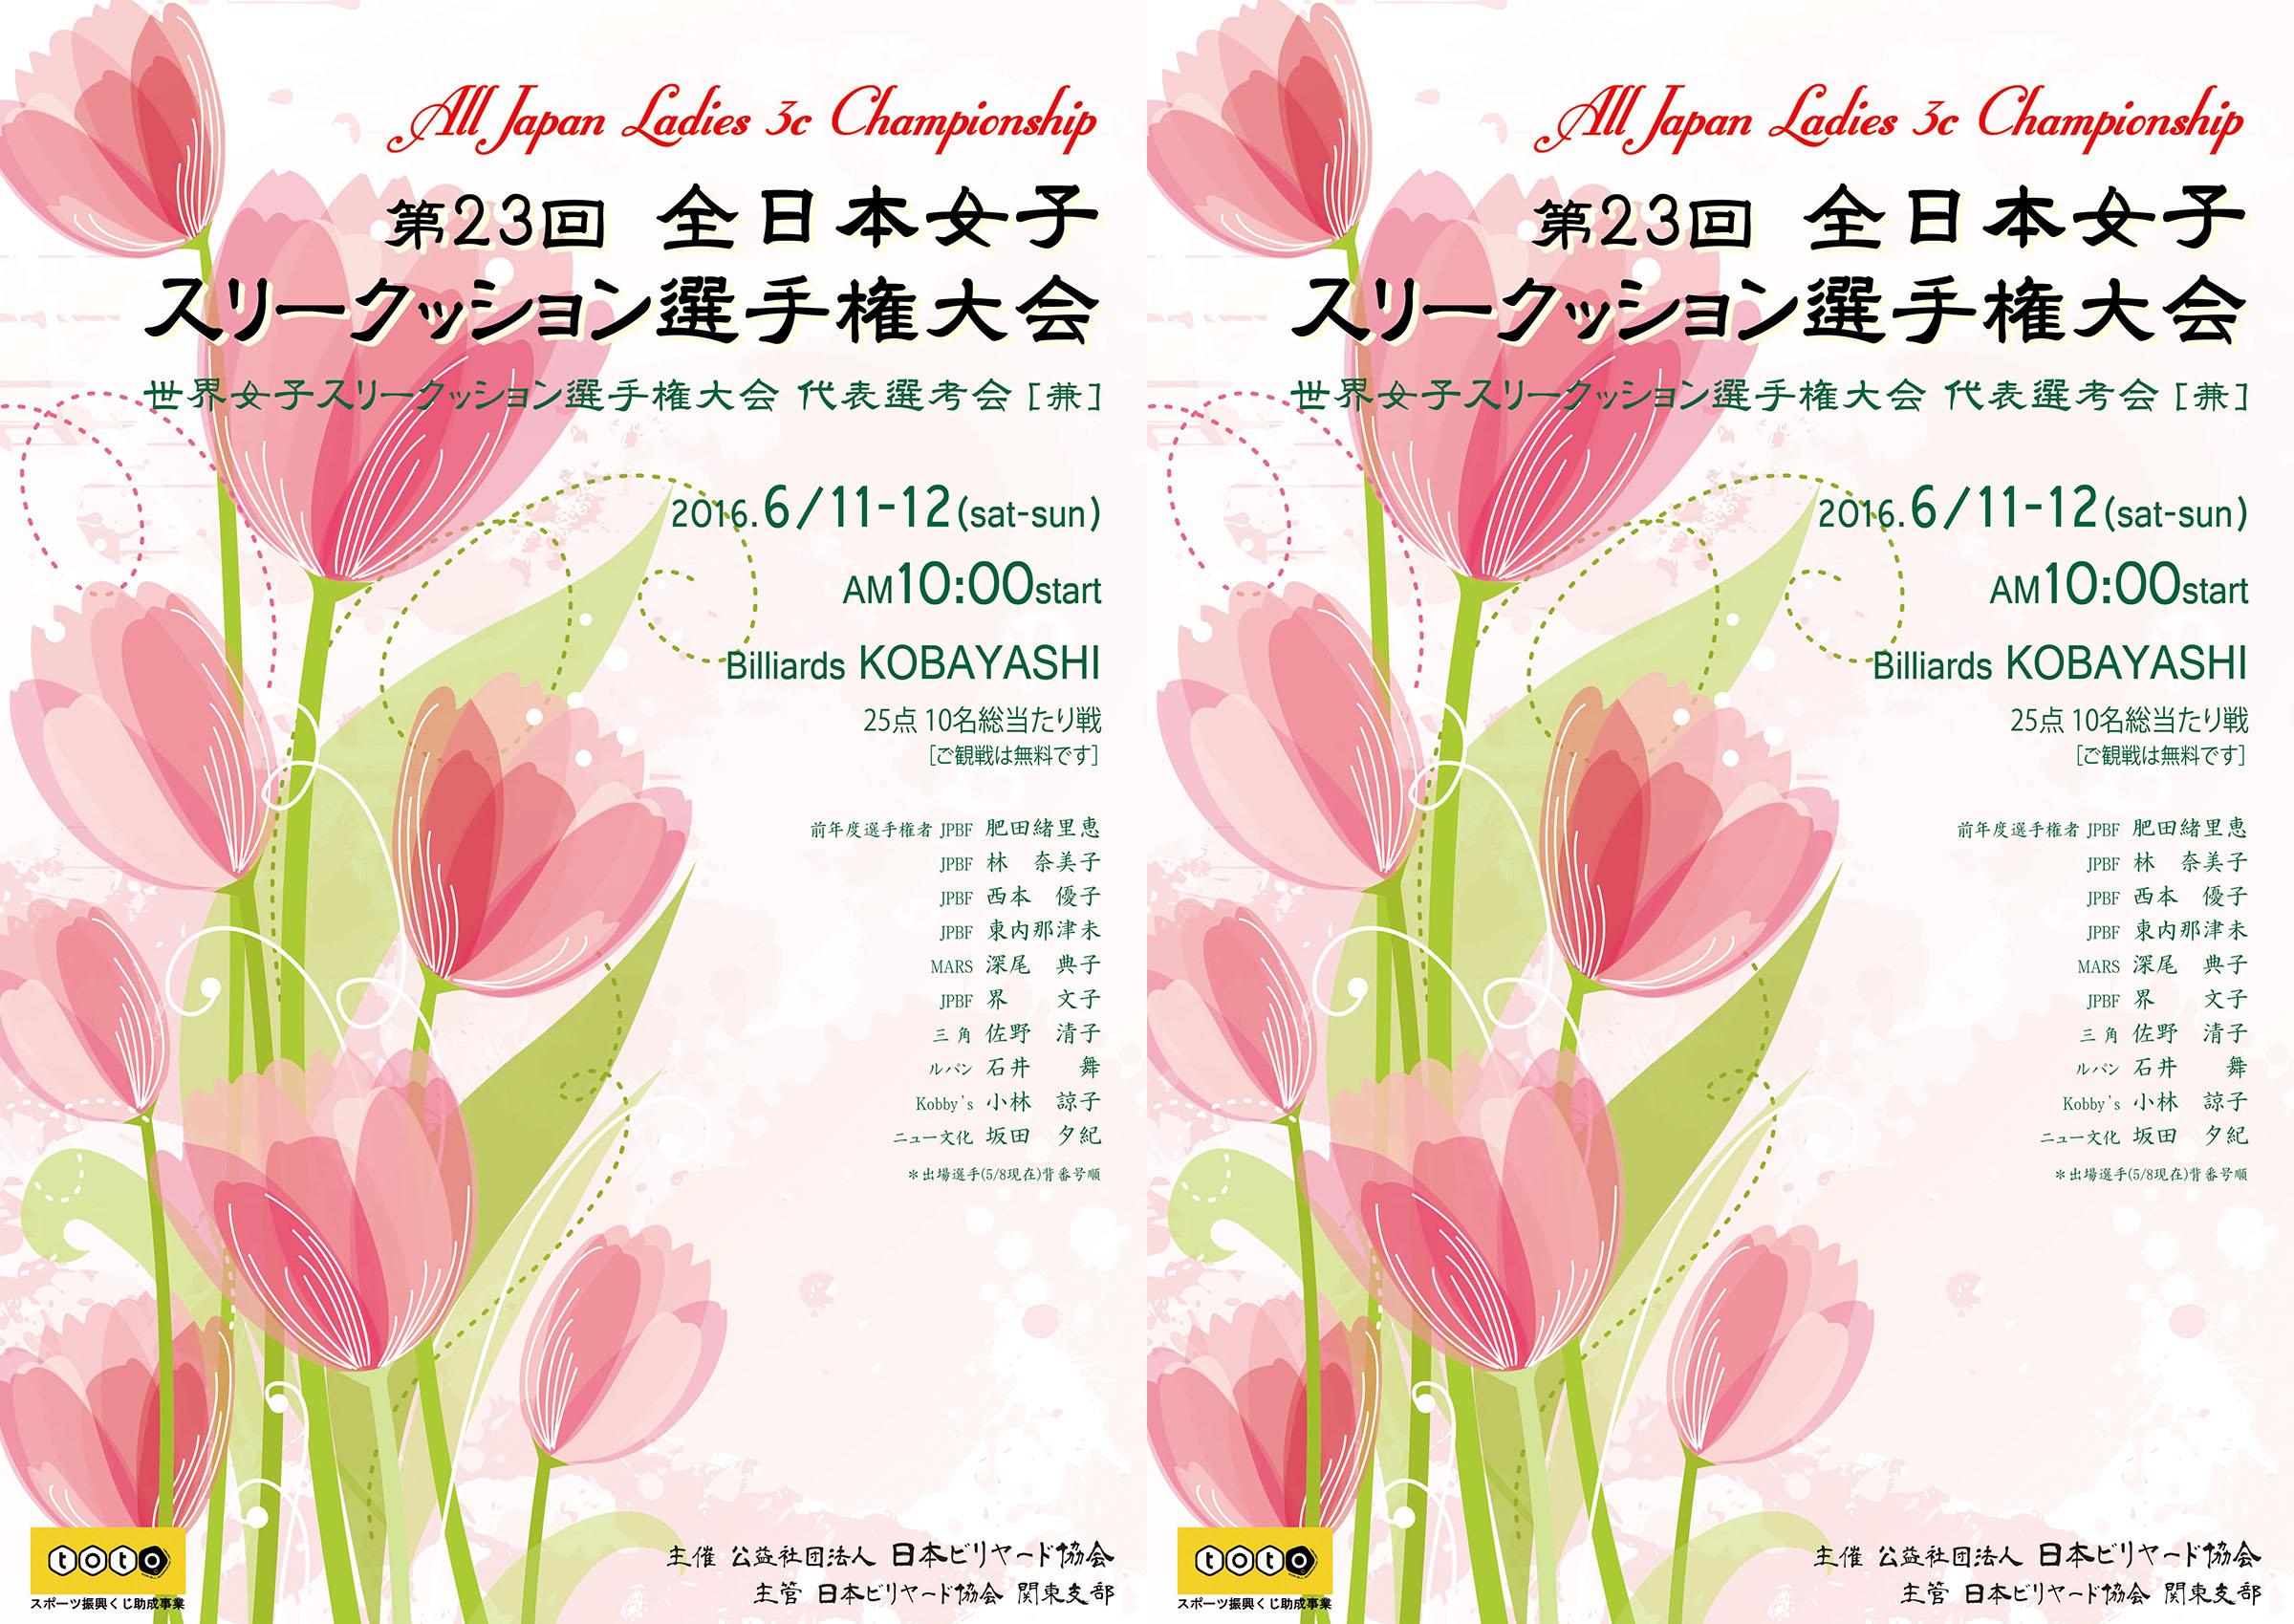 2016_AllJapan_Ladies